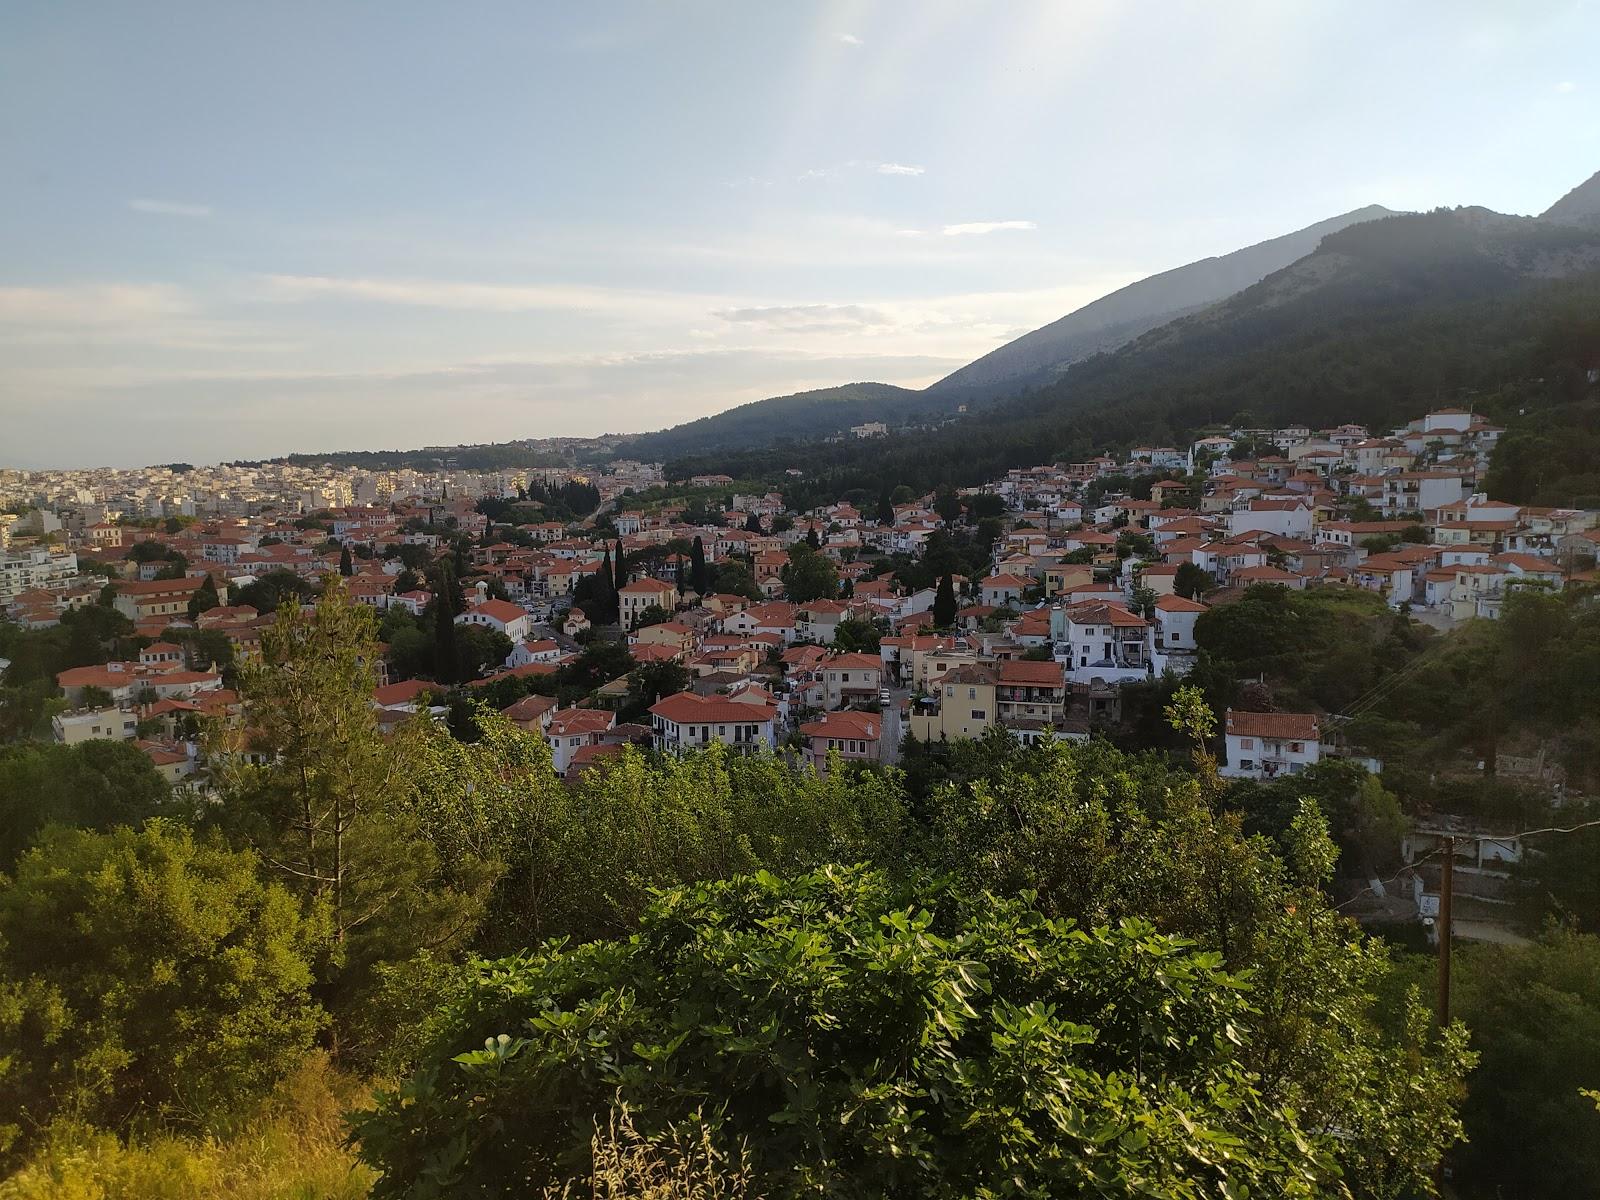 ΟΠΕΚΑ: Επίδομα έως 600 ευρώ για κατοίκους της Ξάνθης - Αιτήσεις